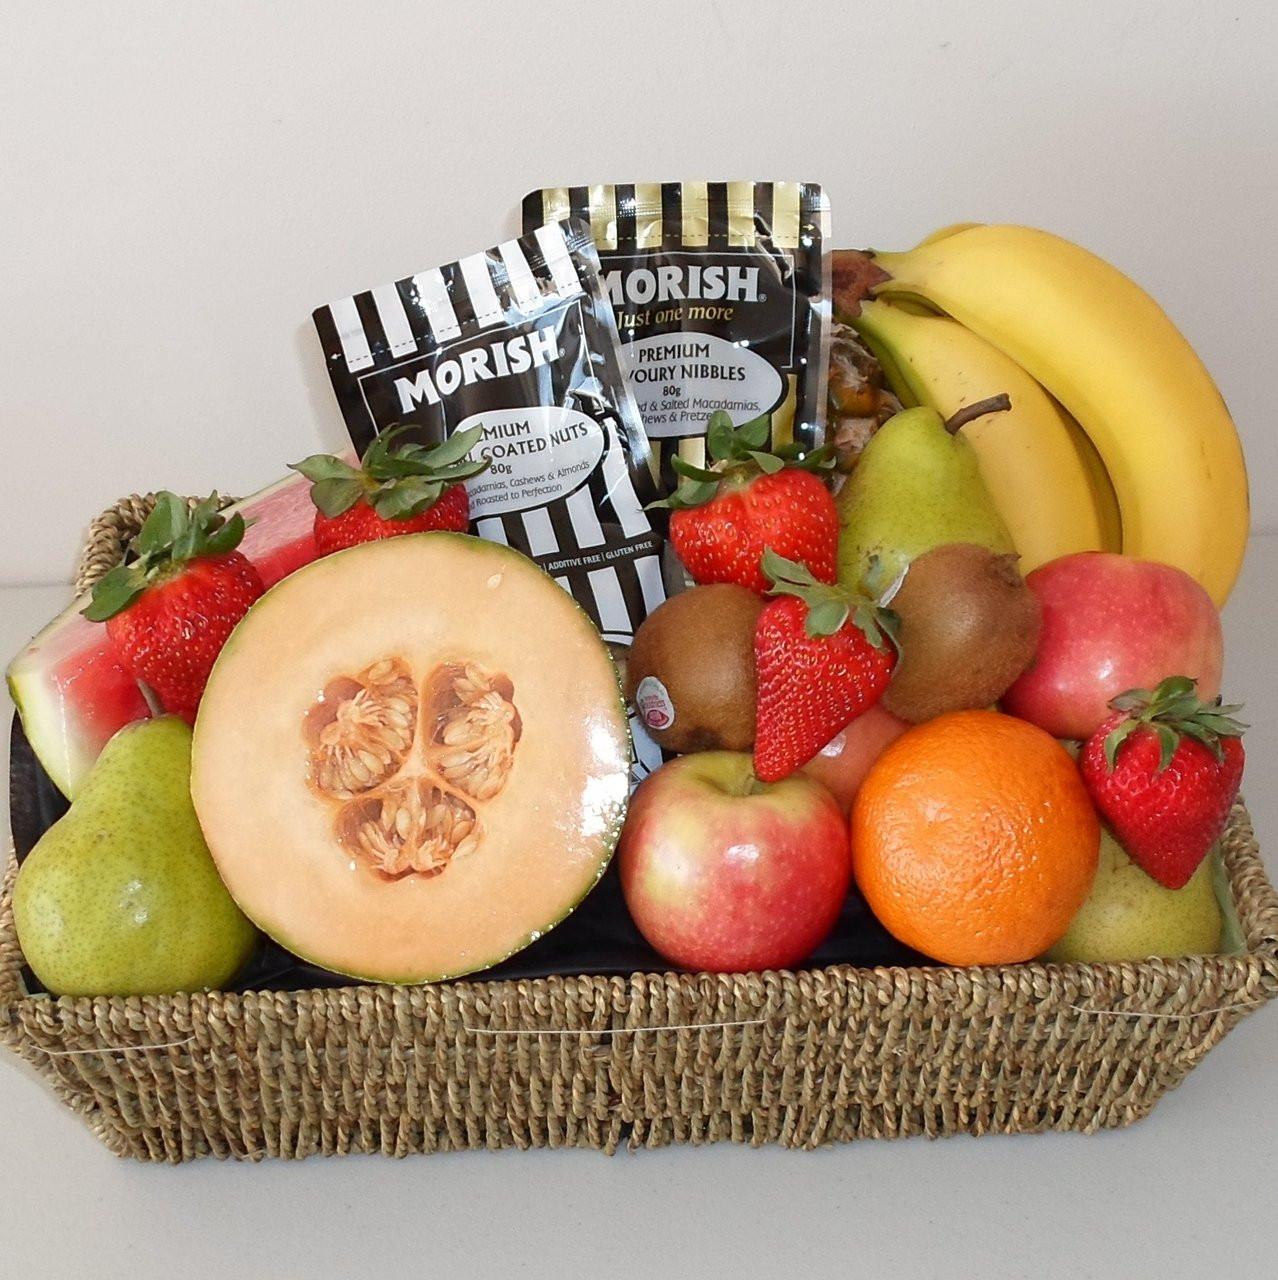 Fruit & Morish Nuts Basket